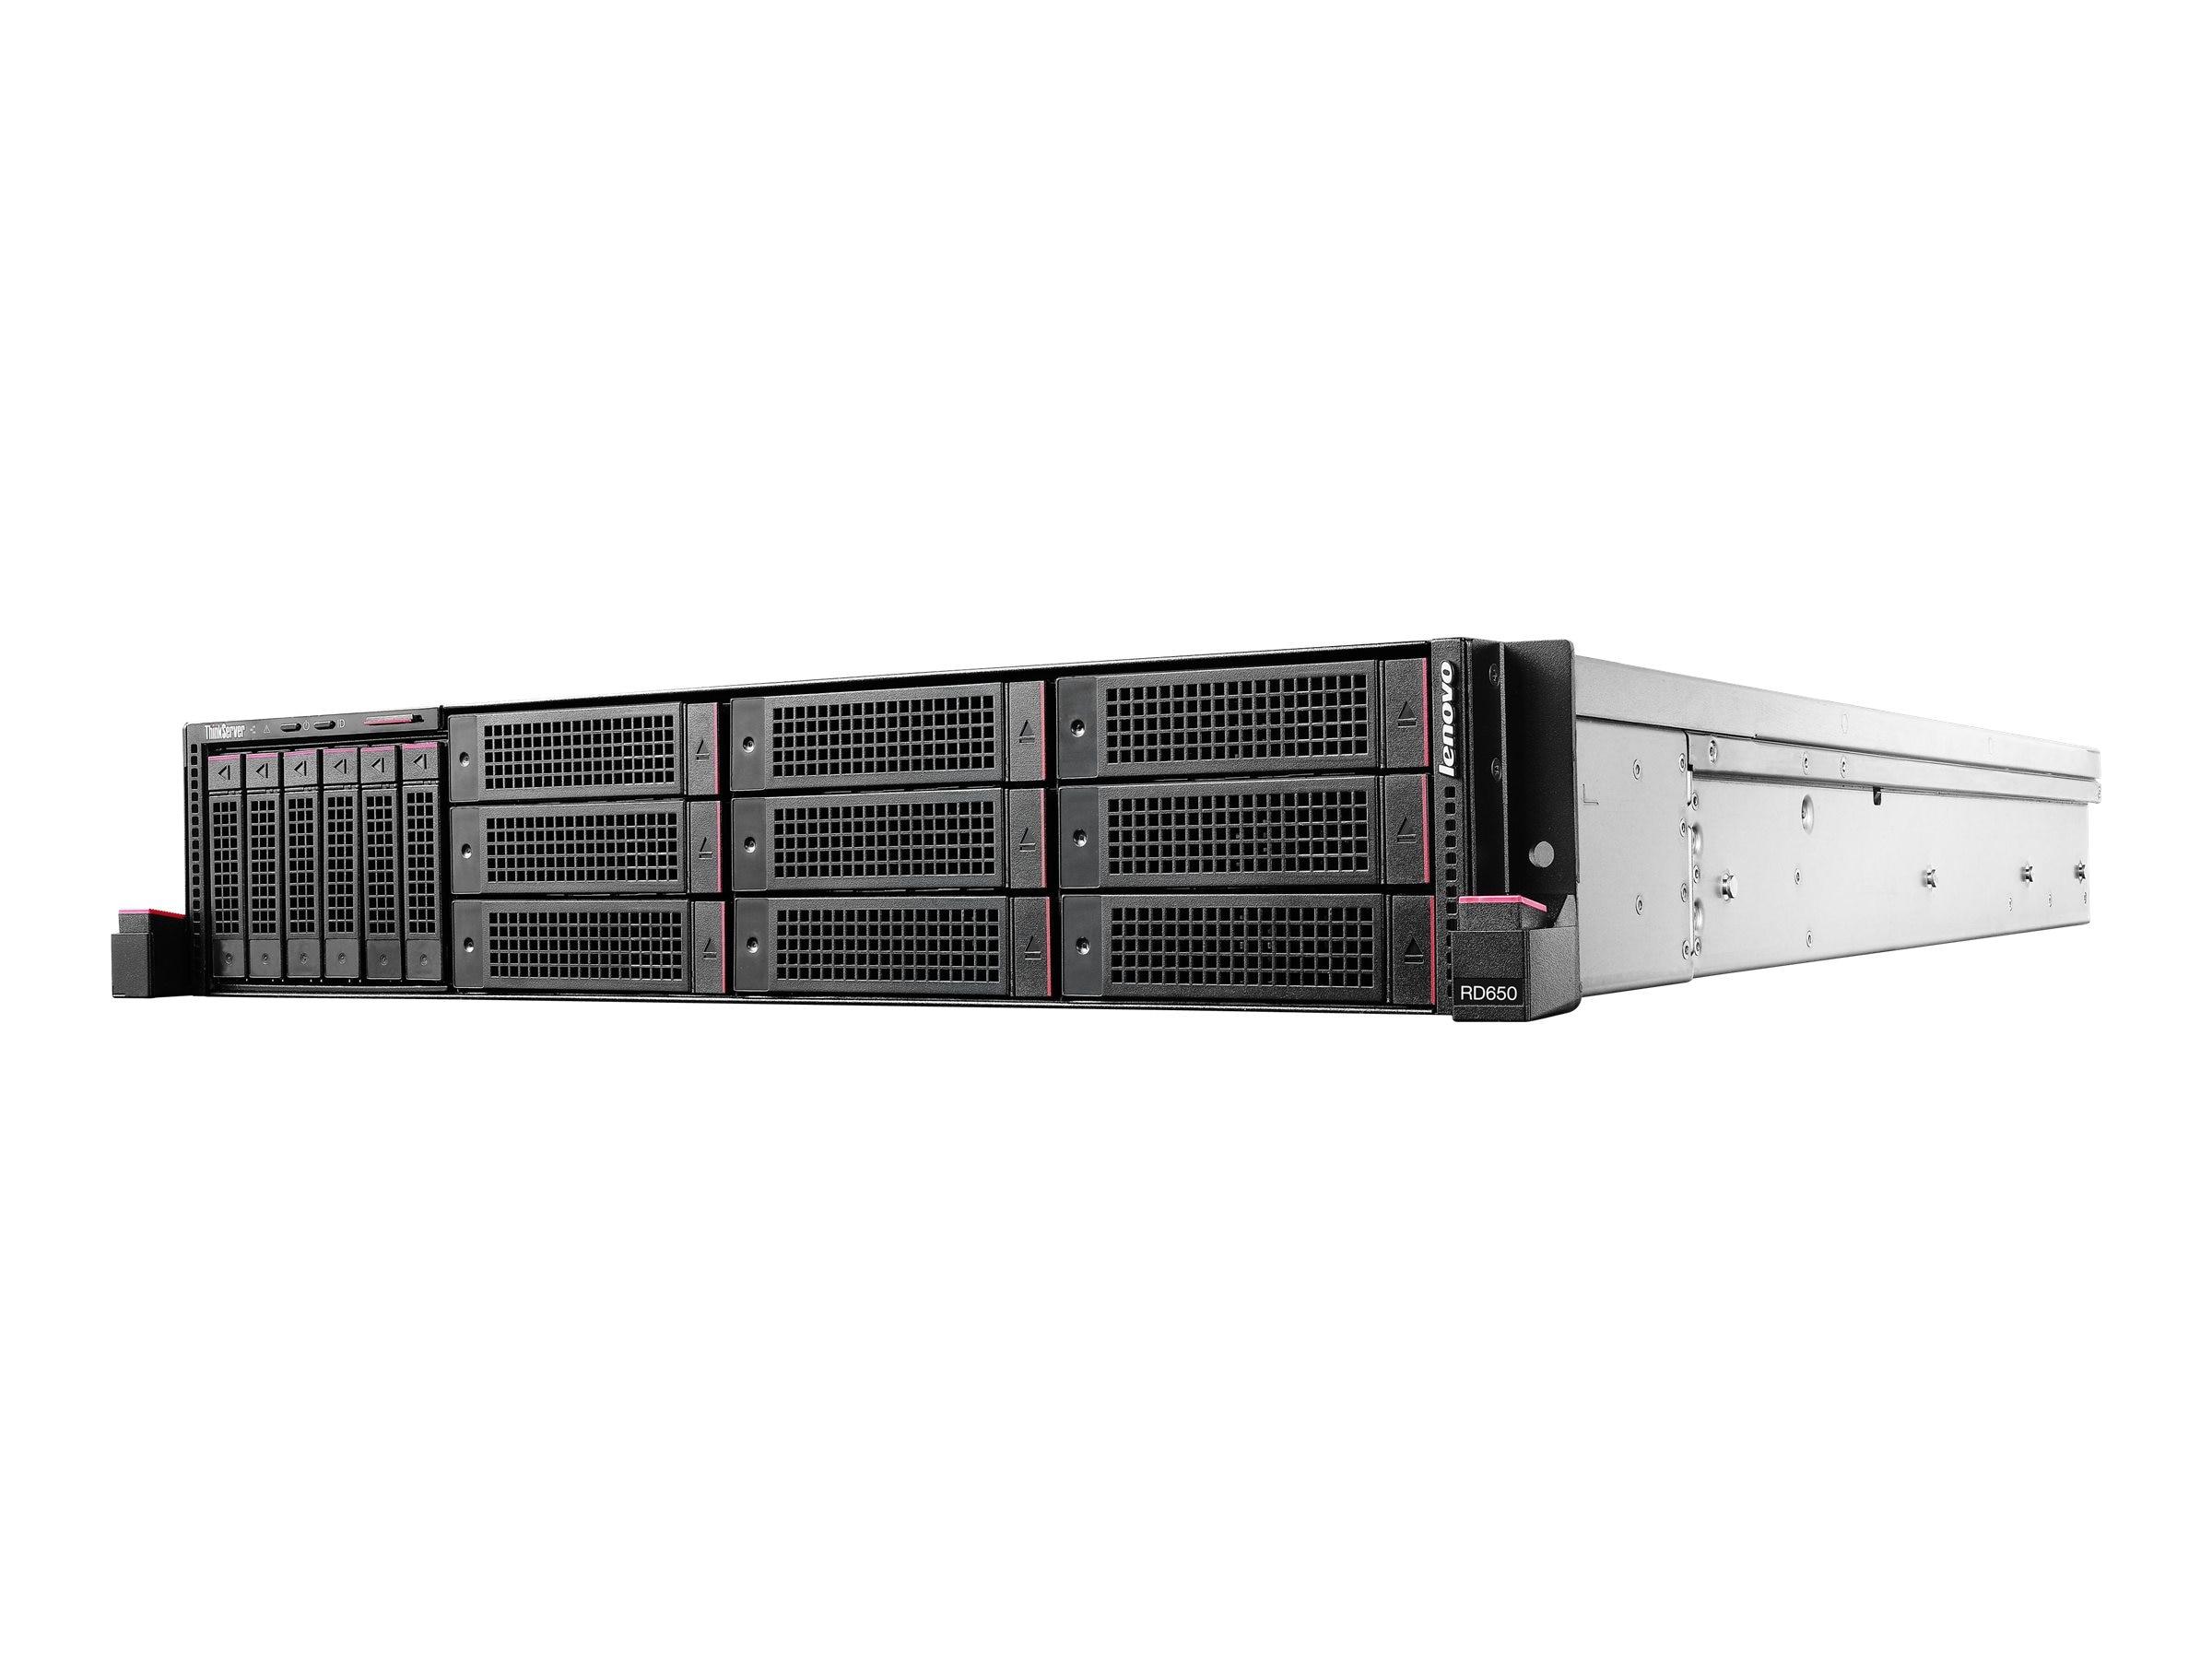 Lenovo TopSeller ThinkServer RD650 Intel 2.6GHz Xeon